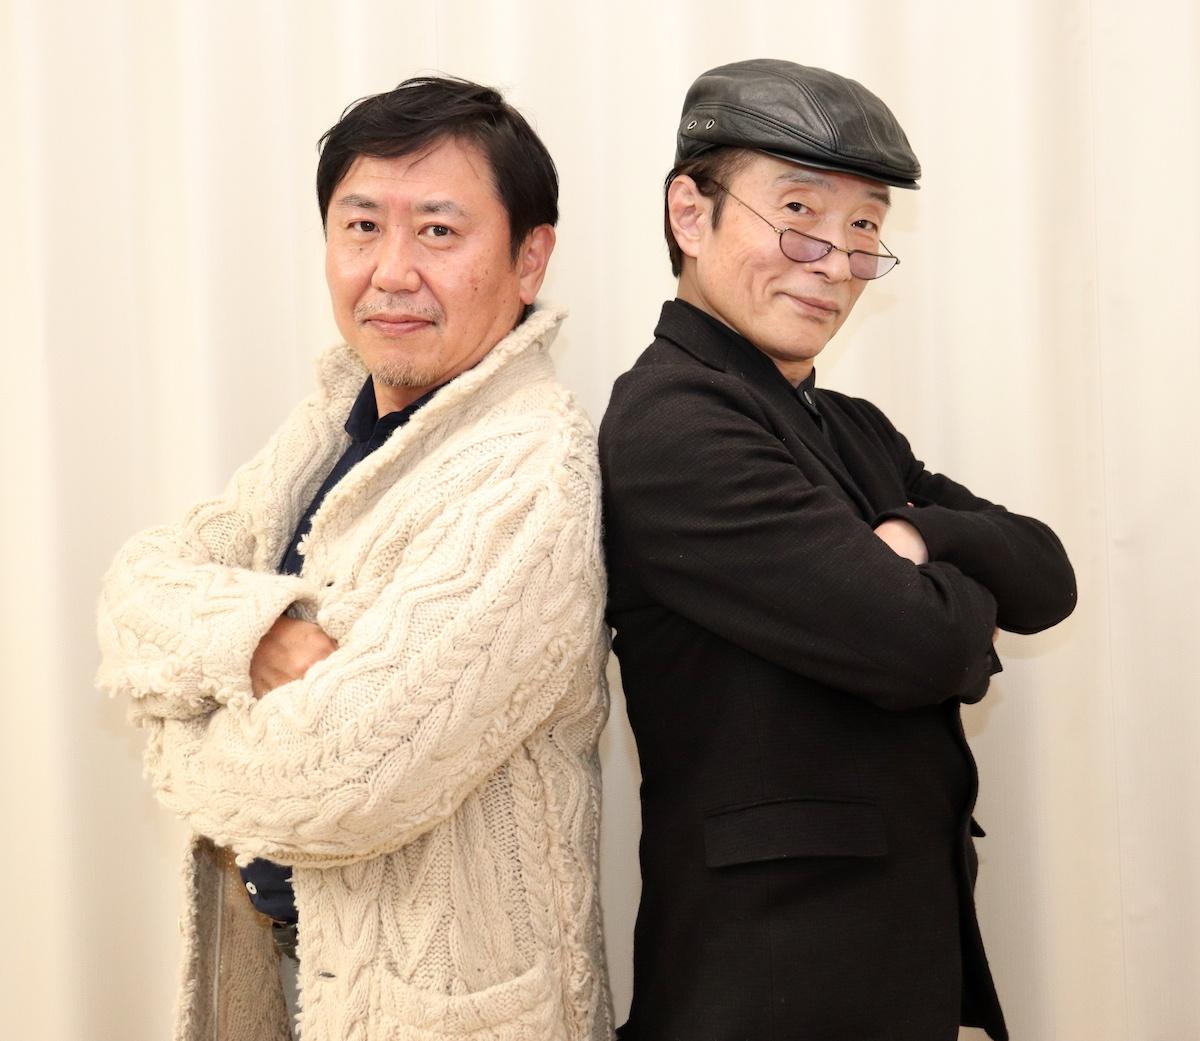 原作者の魔夜峰央と武内英樹監督がキャスティングのこだわりを明かす!